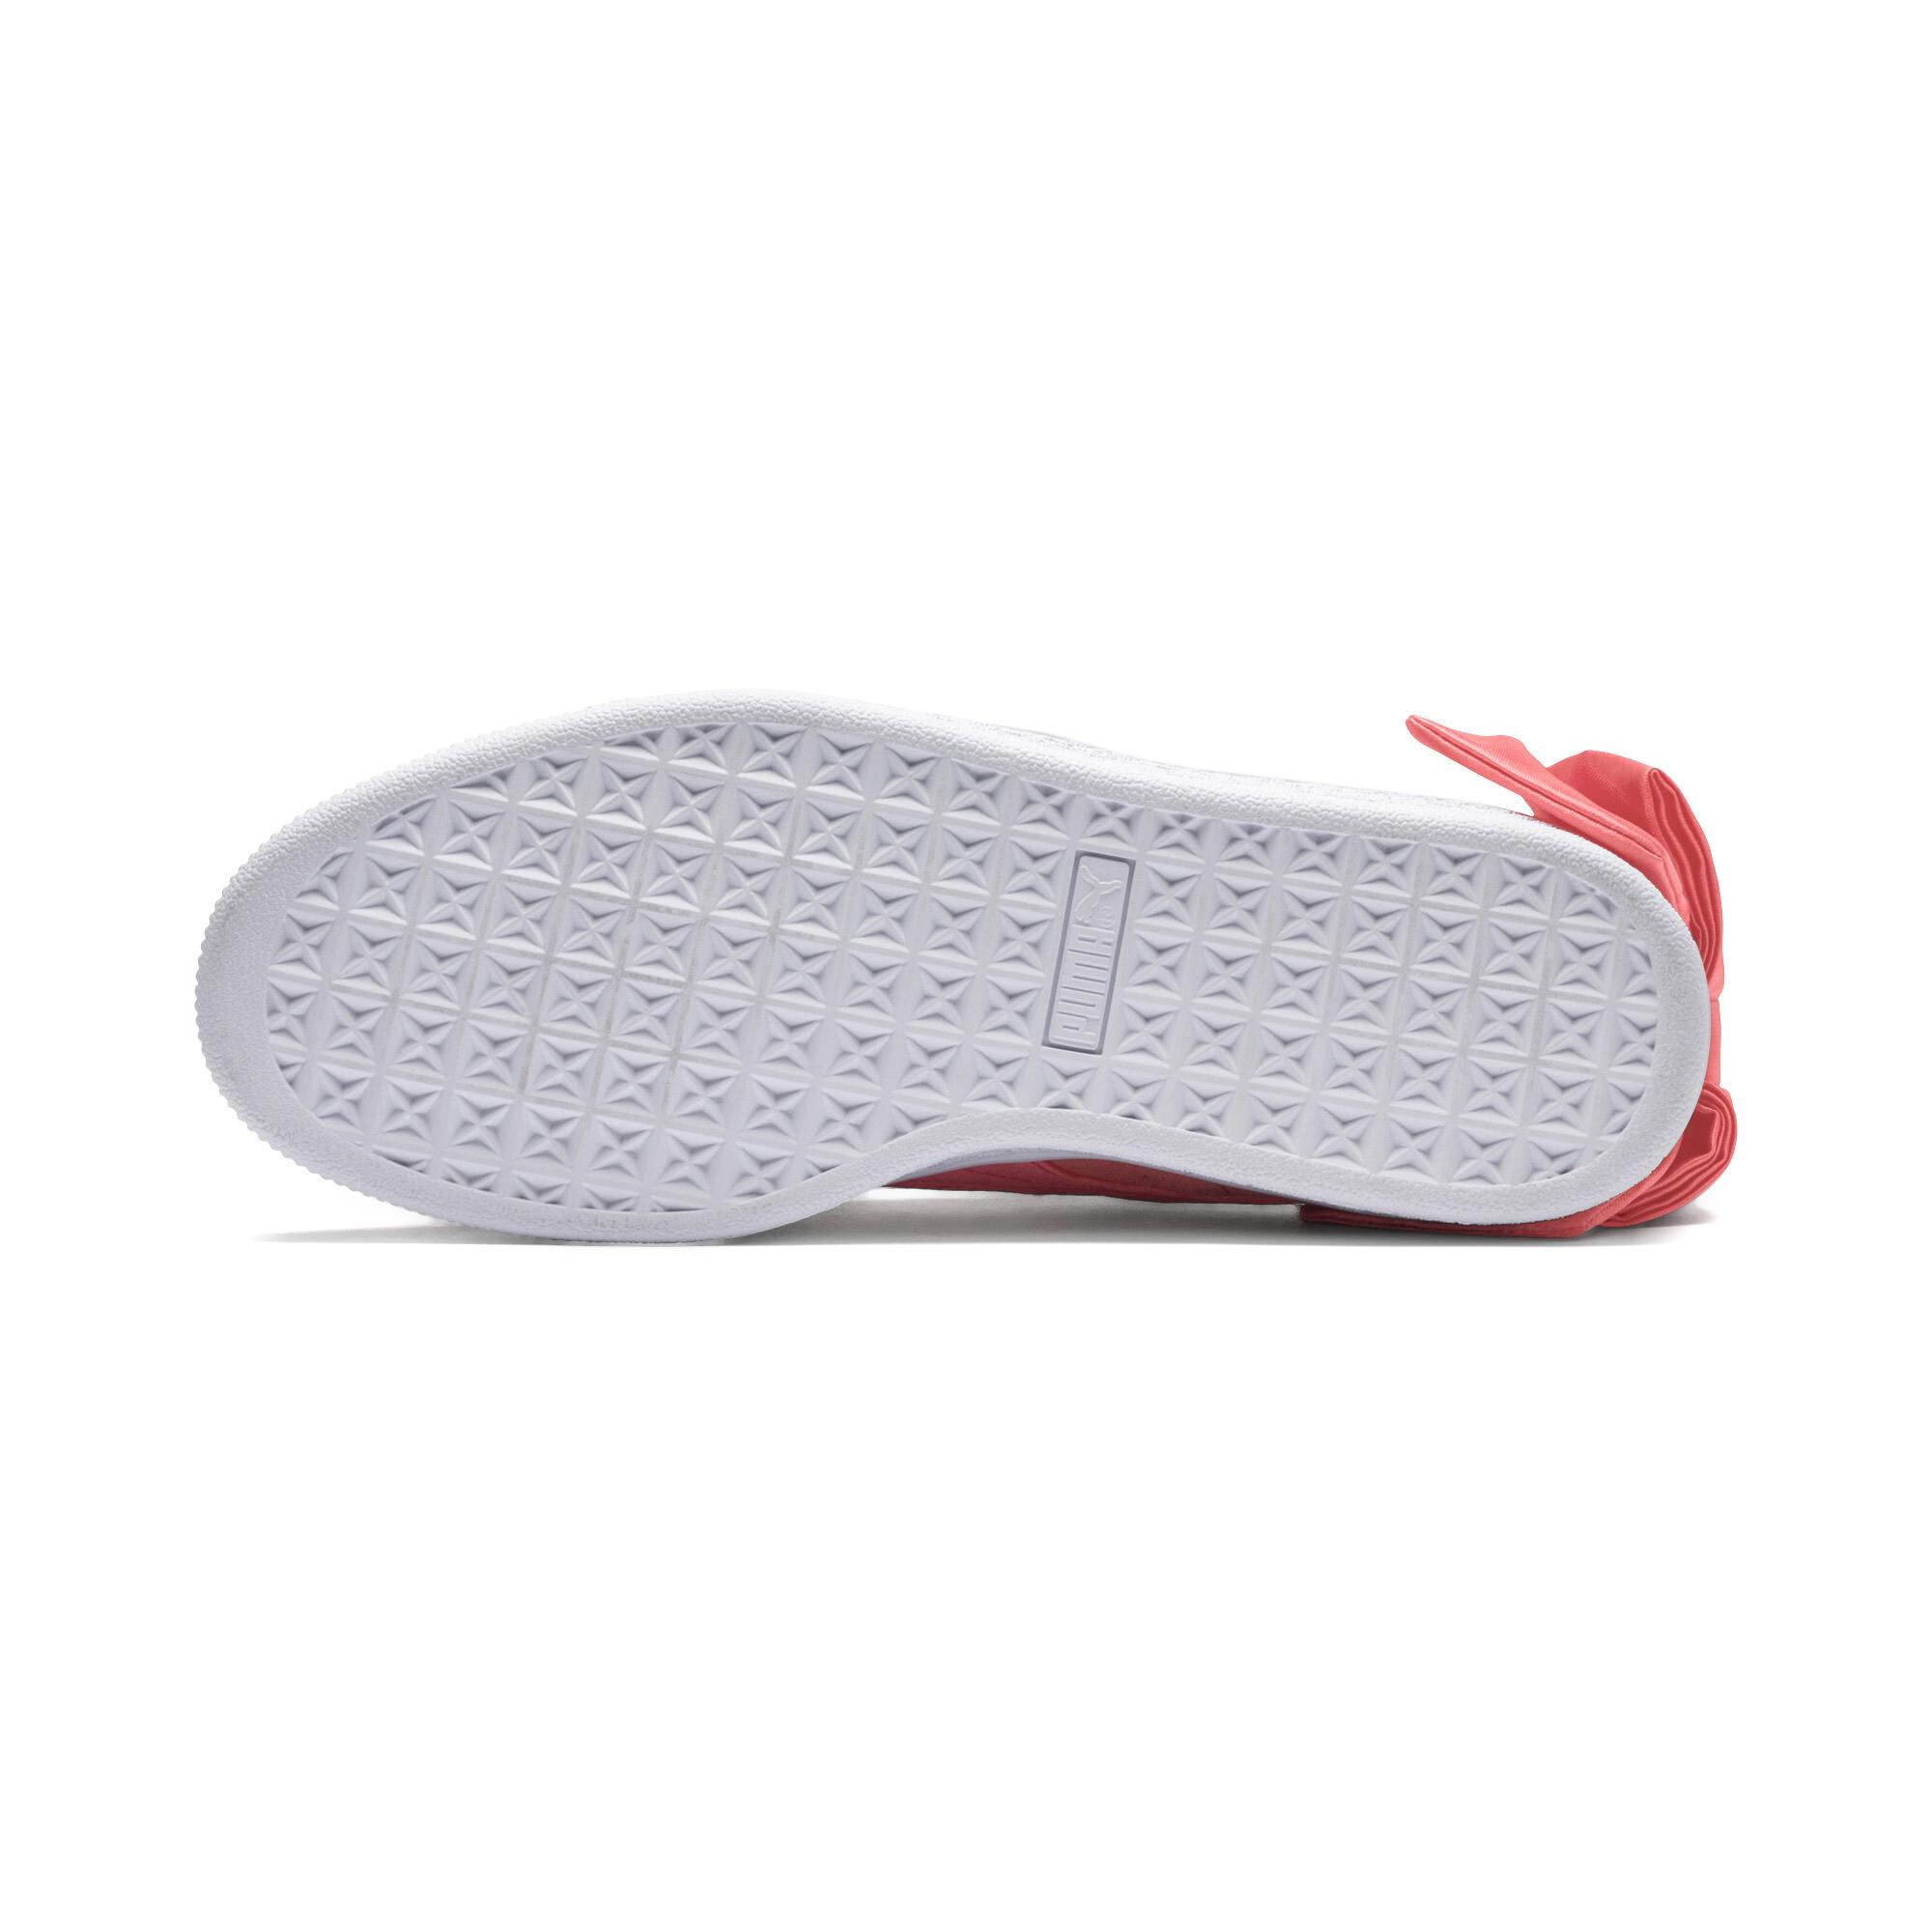 Indexbild 7 - PUMA Suede Bow Damen Frauen Schuhe Sport Classics Neu